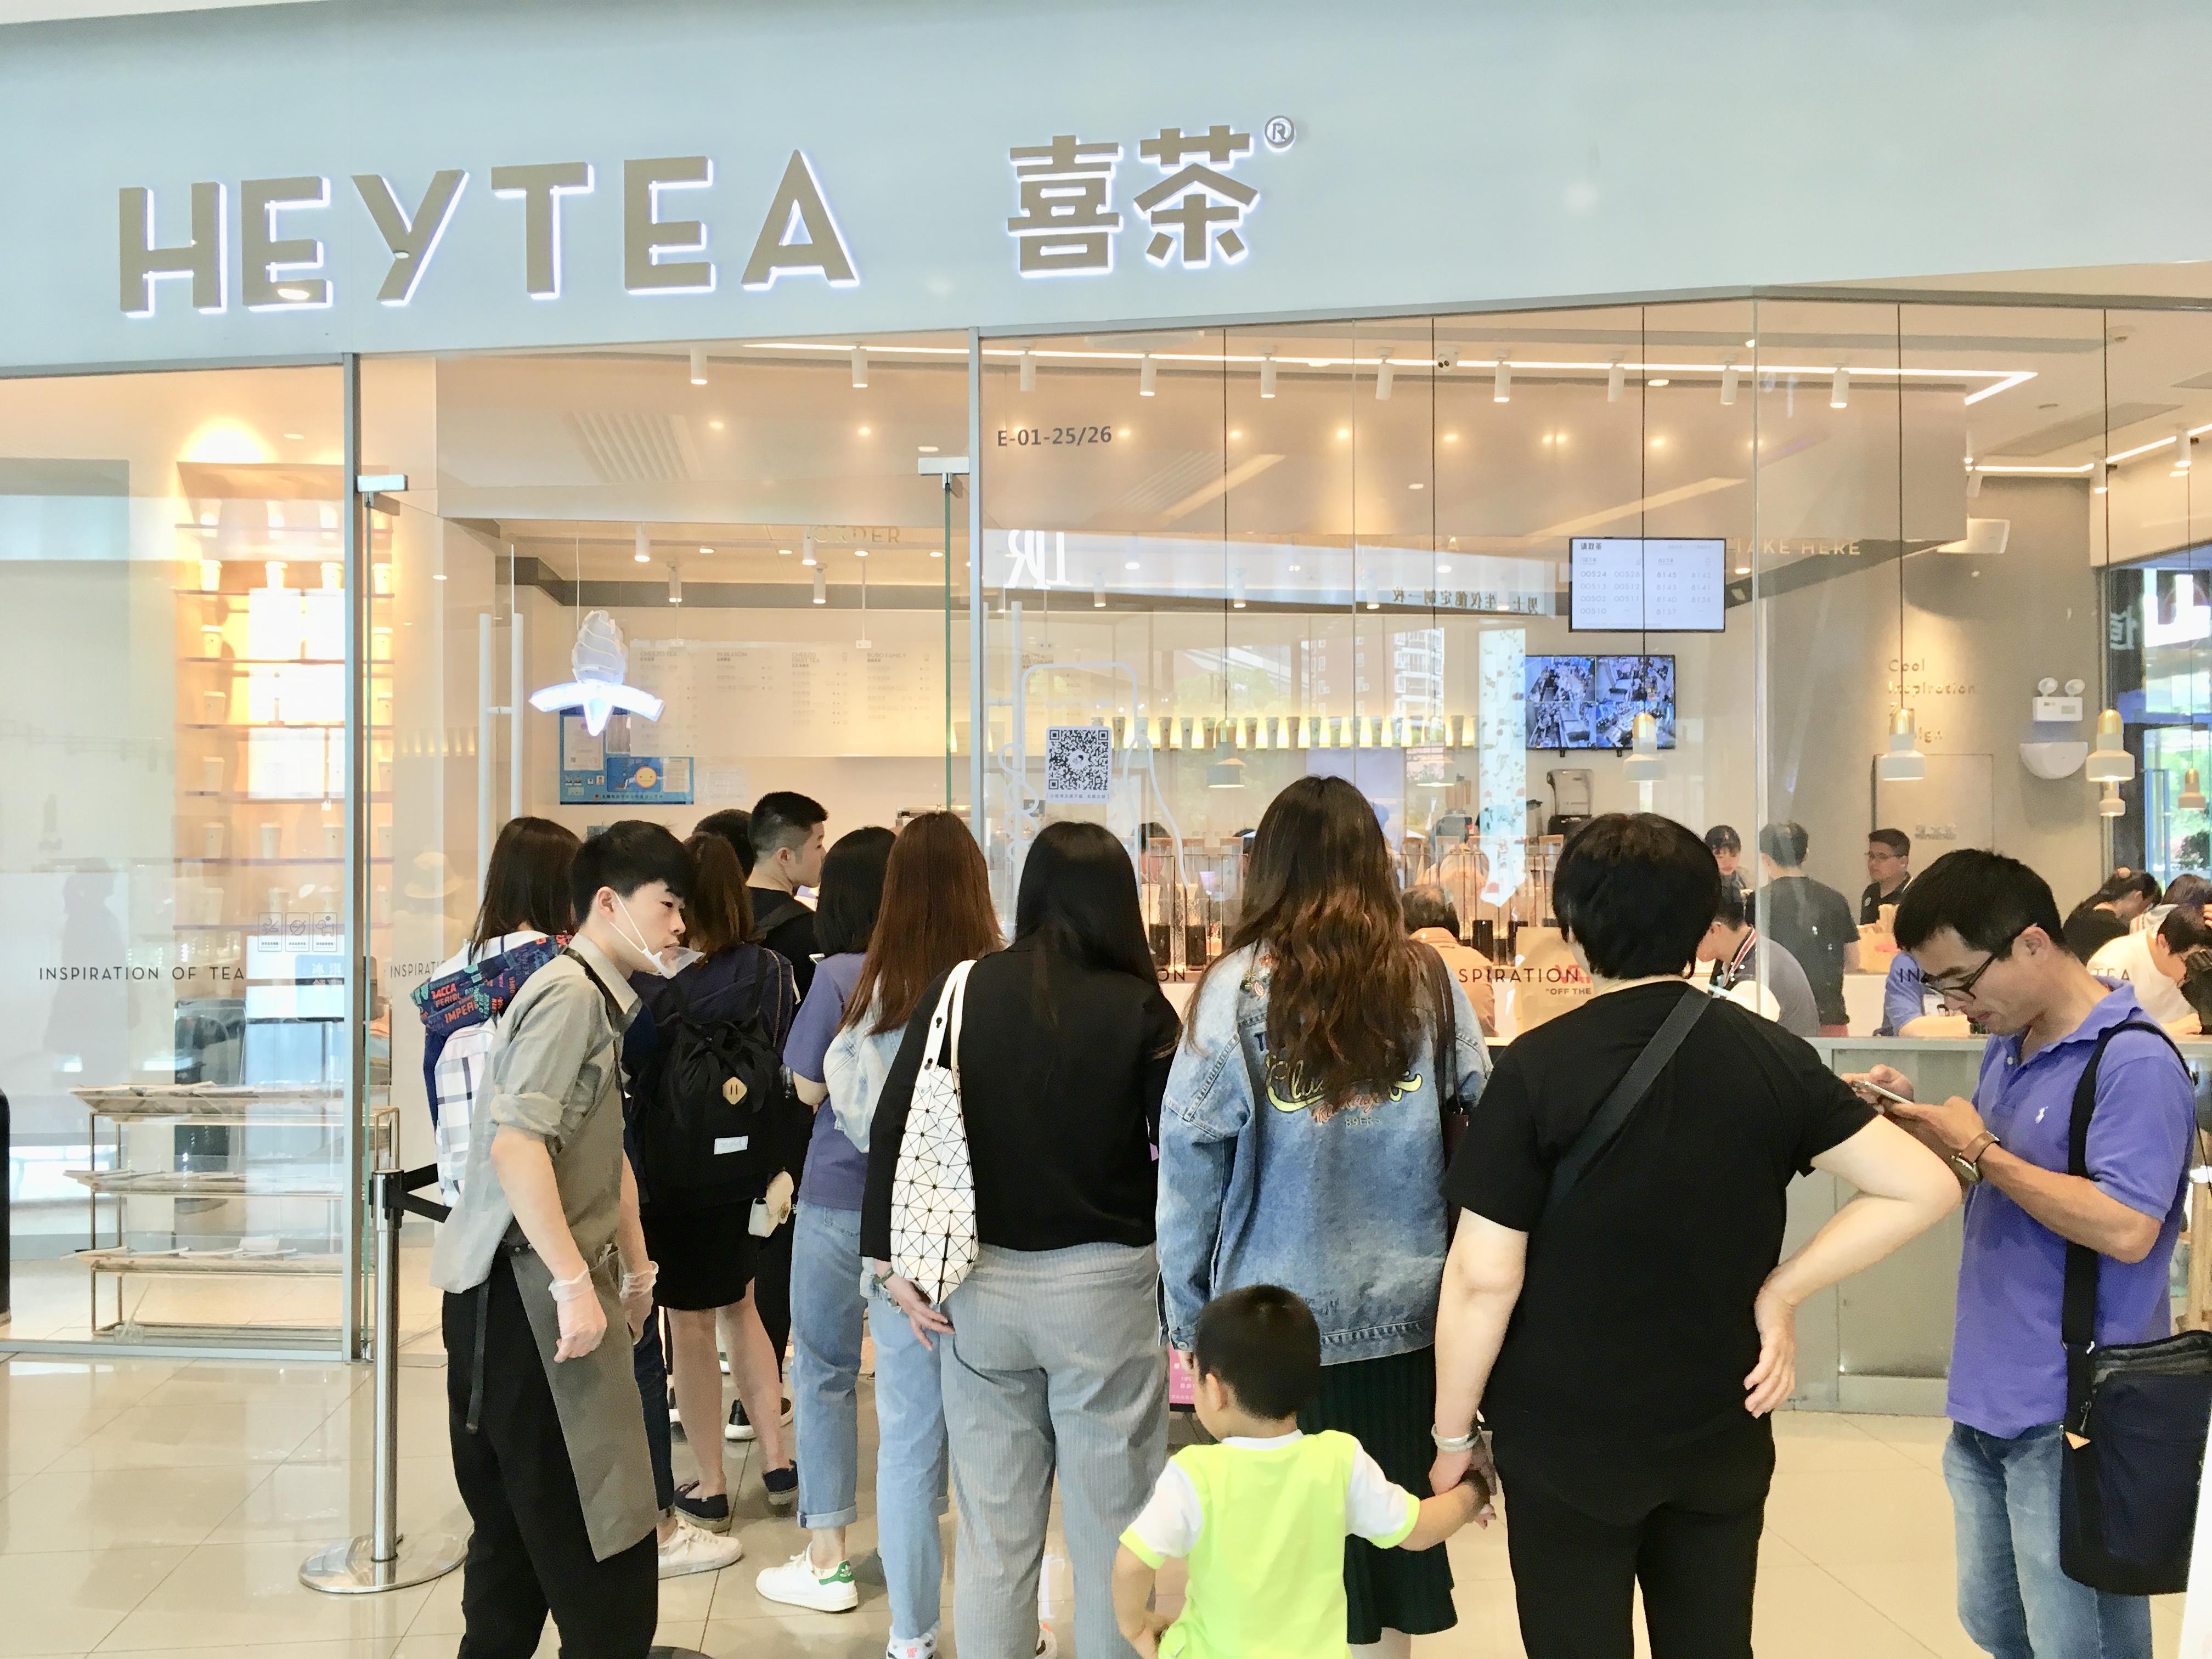 上海大流行りの喜茶(HEY TEA)はオーダー50分待ち